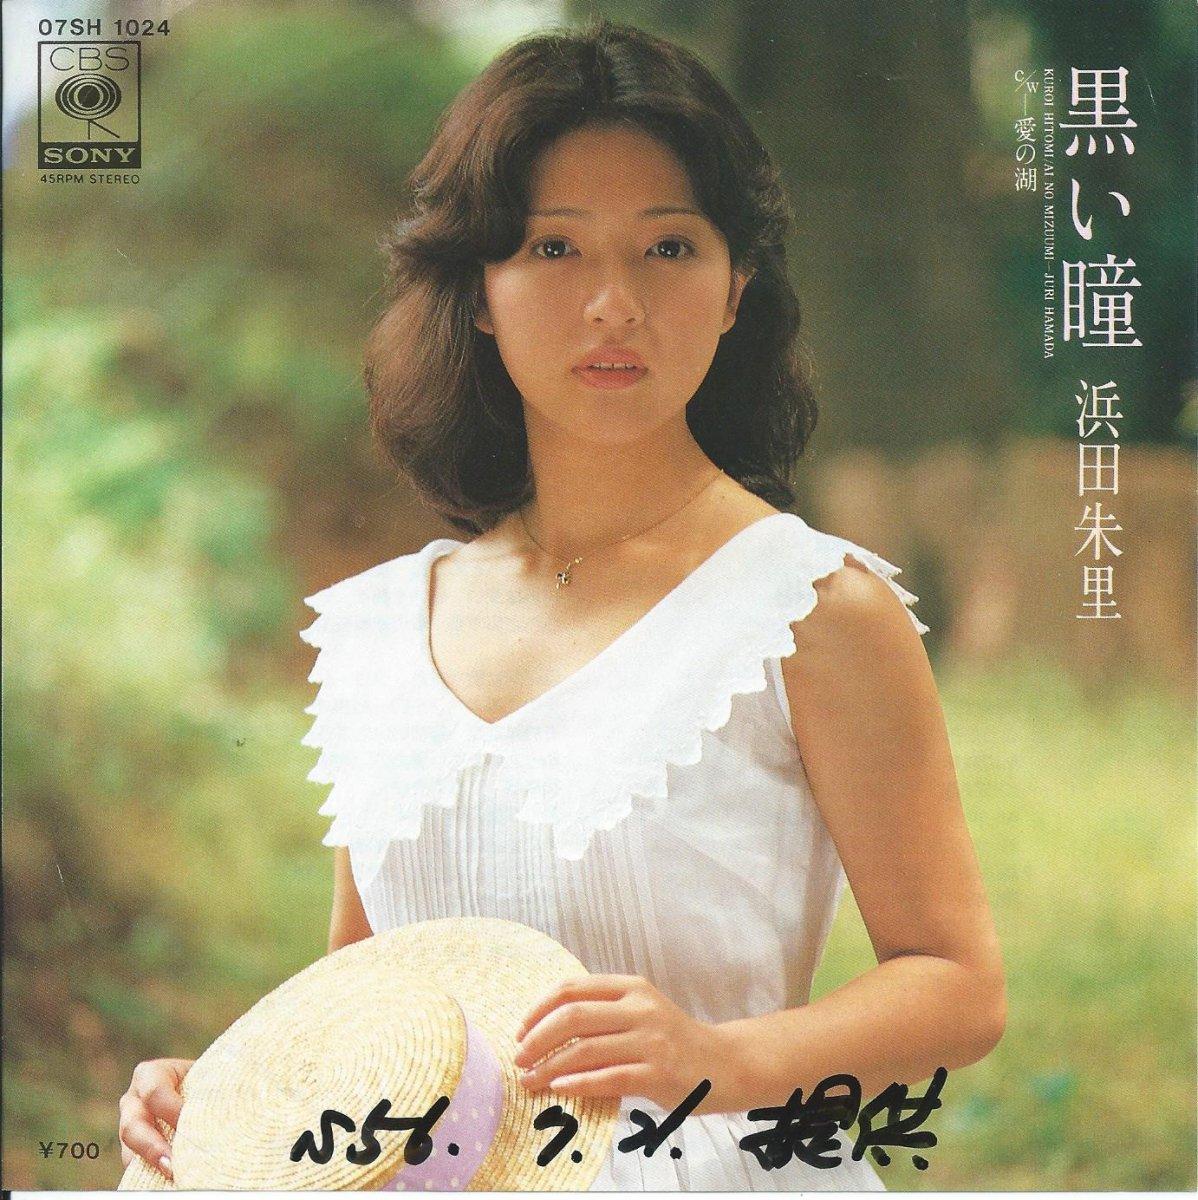 浜田朱里 JURI HAMADA / 黒い瞳 / 愛の湖 (7